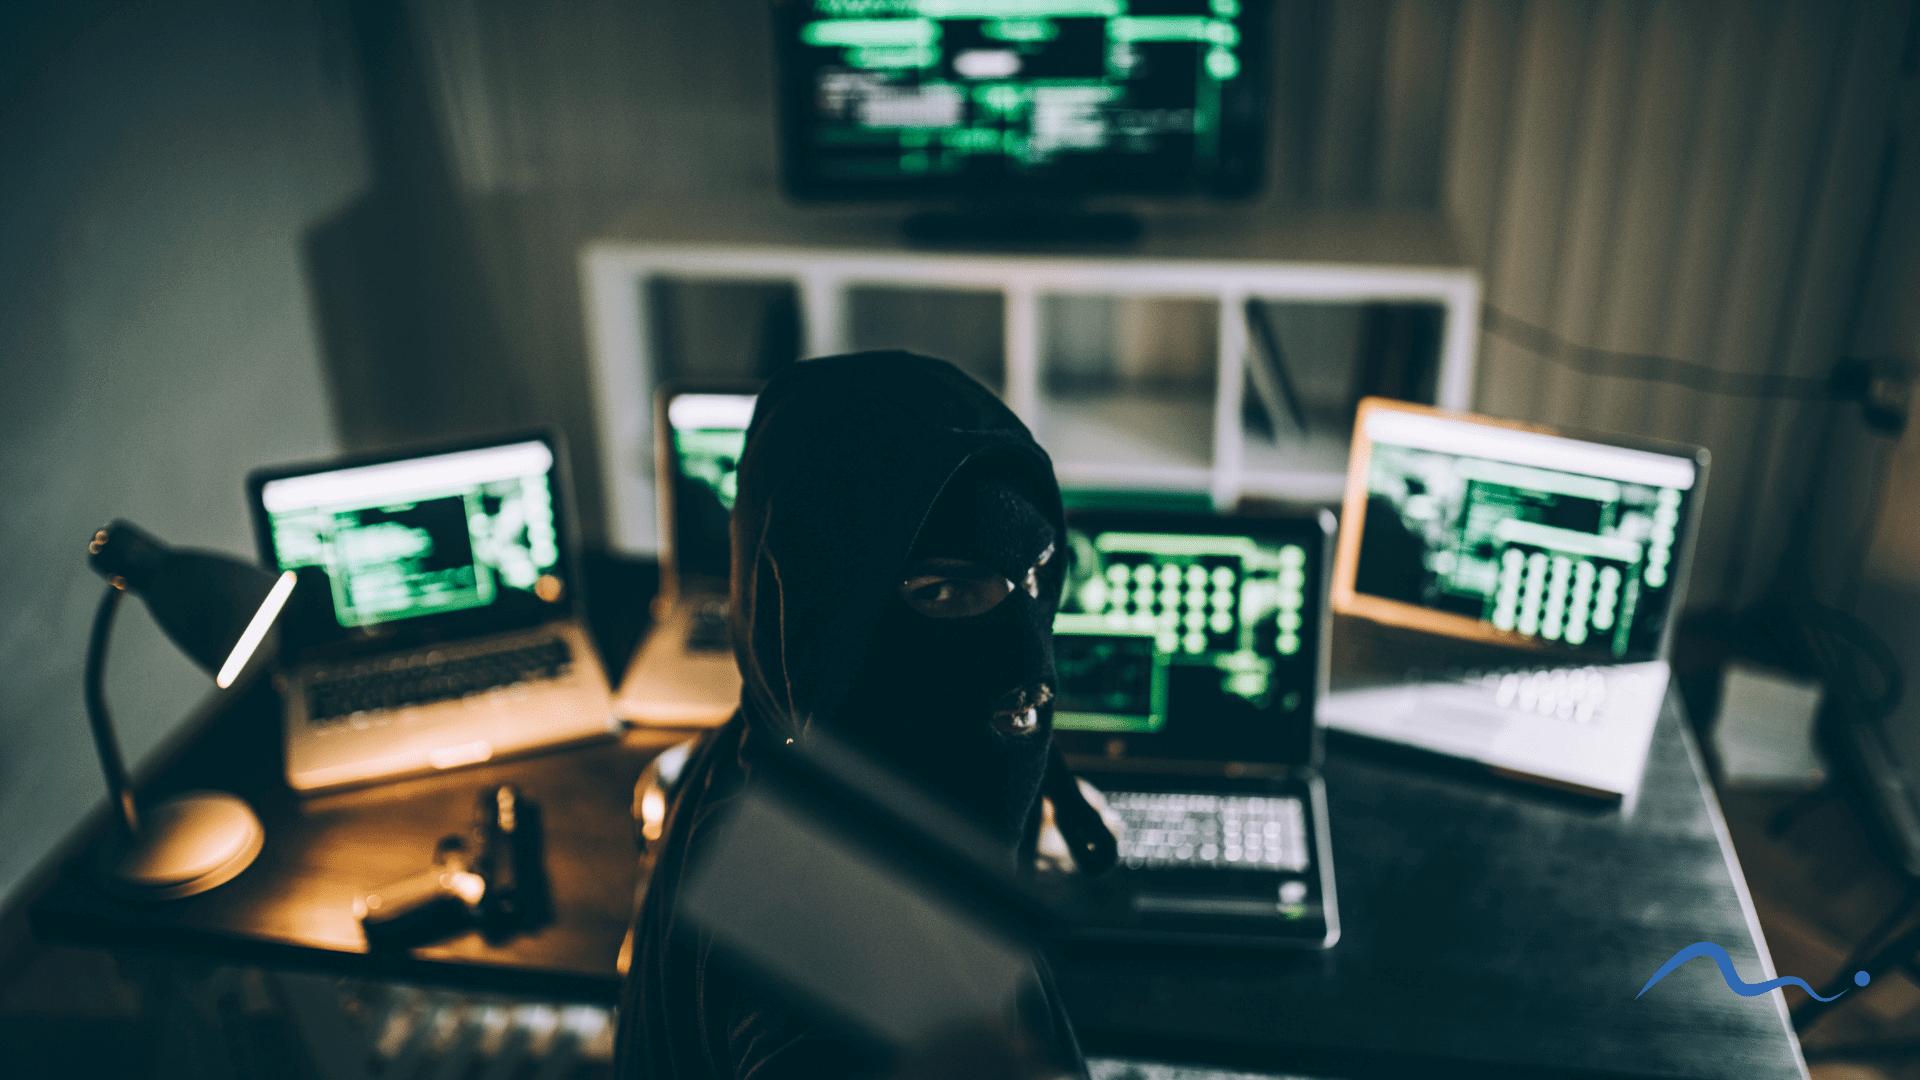 Terrorismusbekämpfung im Netz: Lagebild und zeitgemäße Methodik